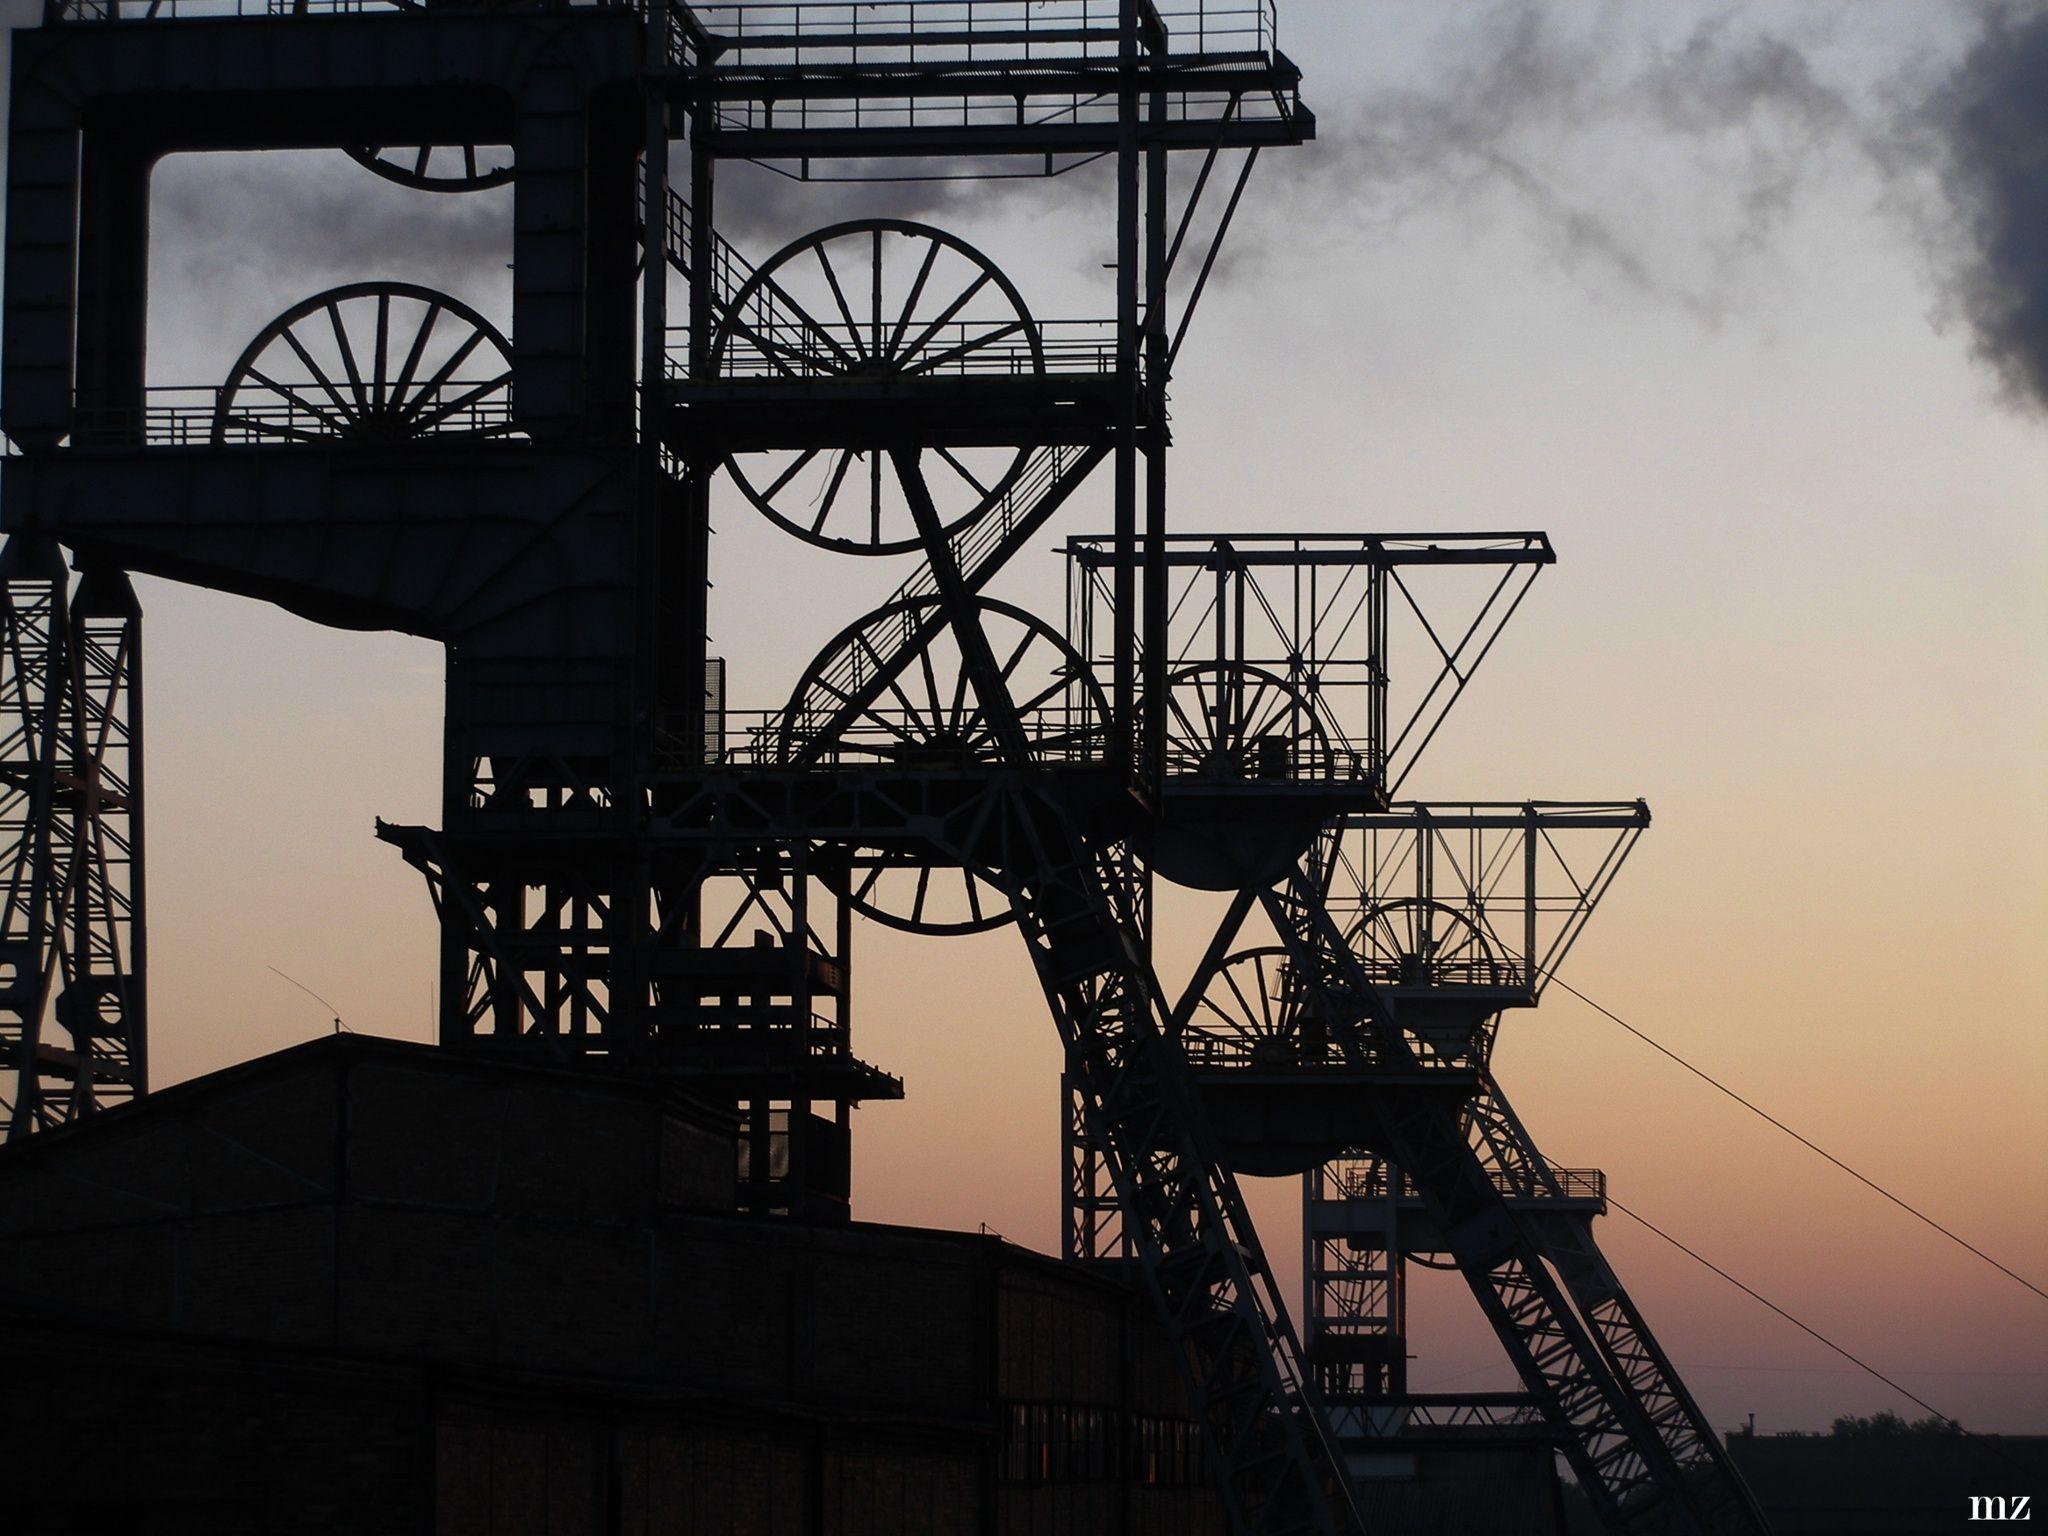 Górny Sląsk: Firma wiewiorka.pl realizuje rozbiórki dużych obiektów przemysłowych z intencją odzyskania jak największej ilości surowców, przede wszystkim metali